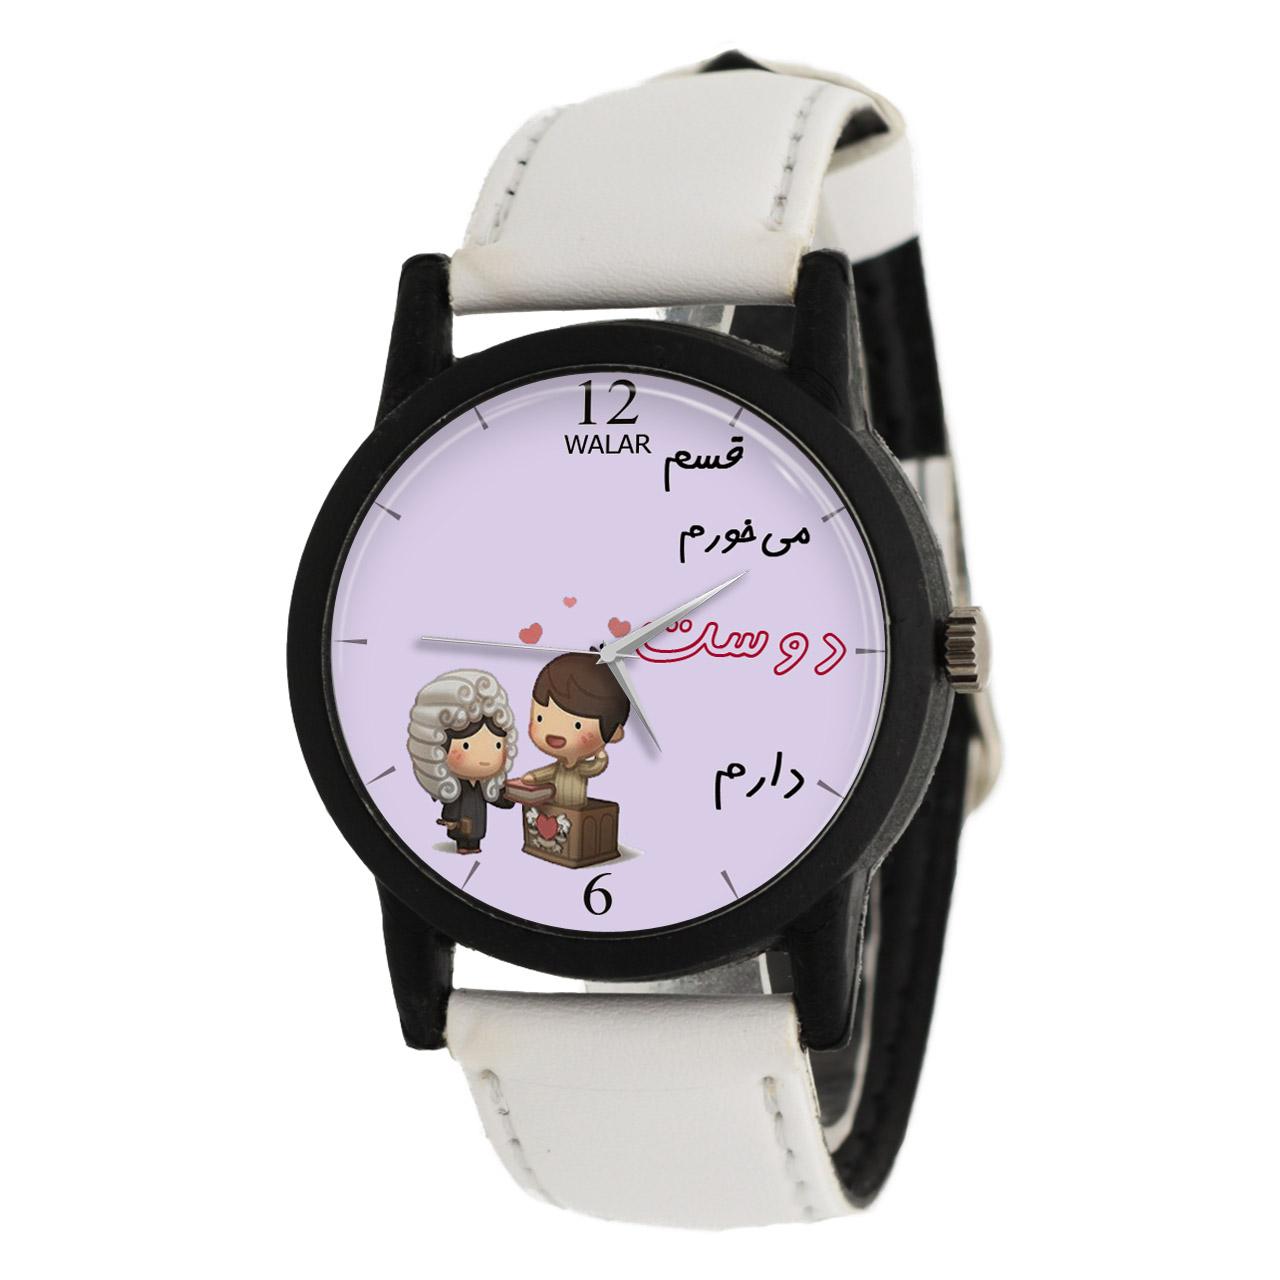 ساعت مچی عقربه ای زنانه والار مدل LF1482 12